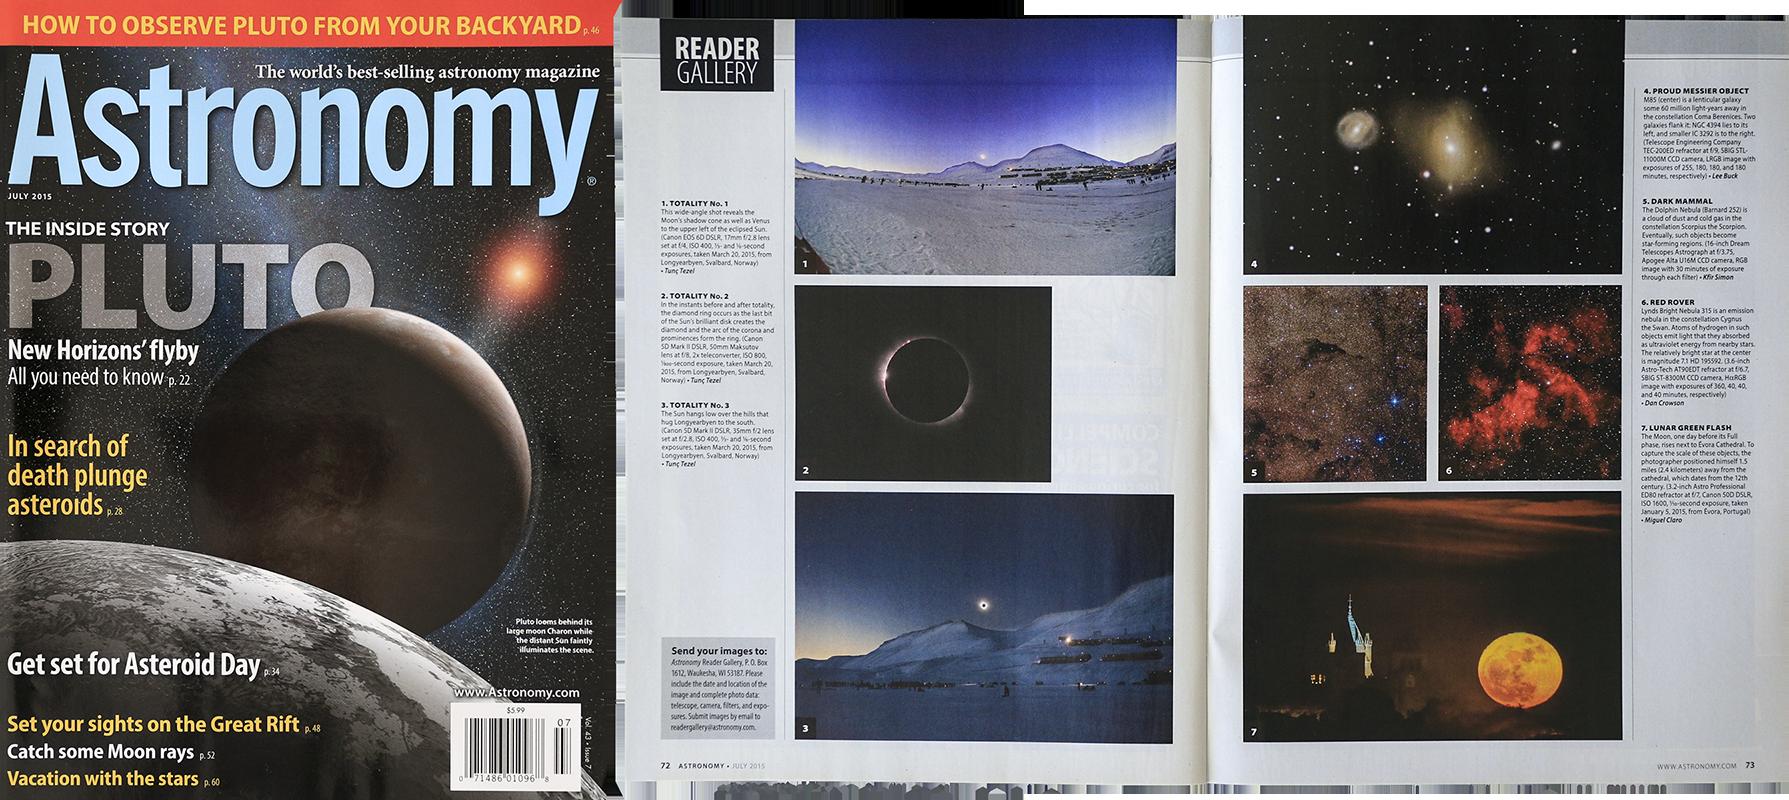 AstronomymagazineJul2015-WP